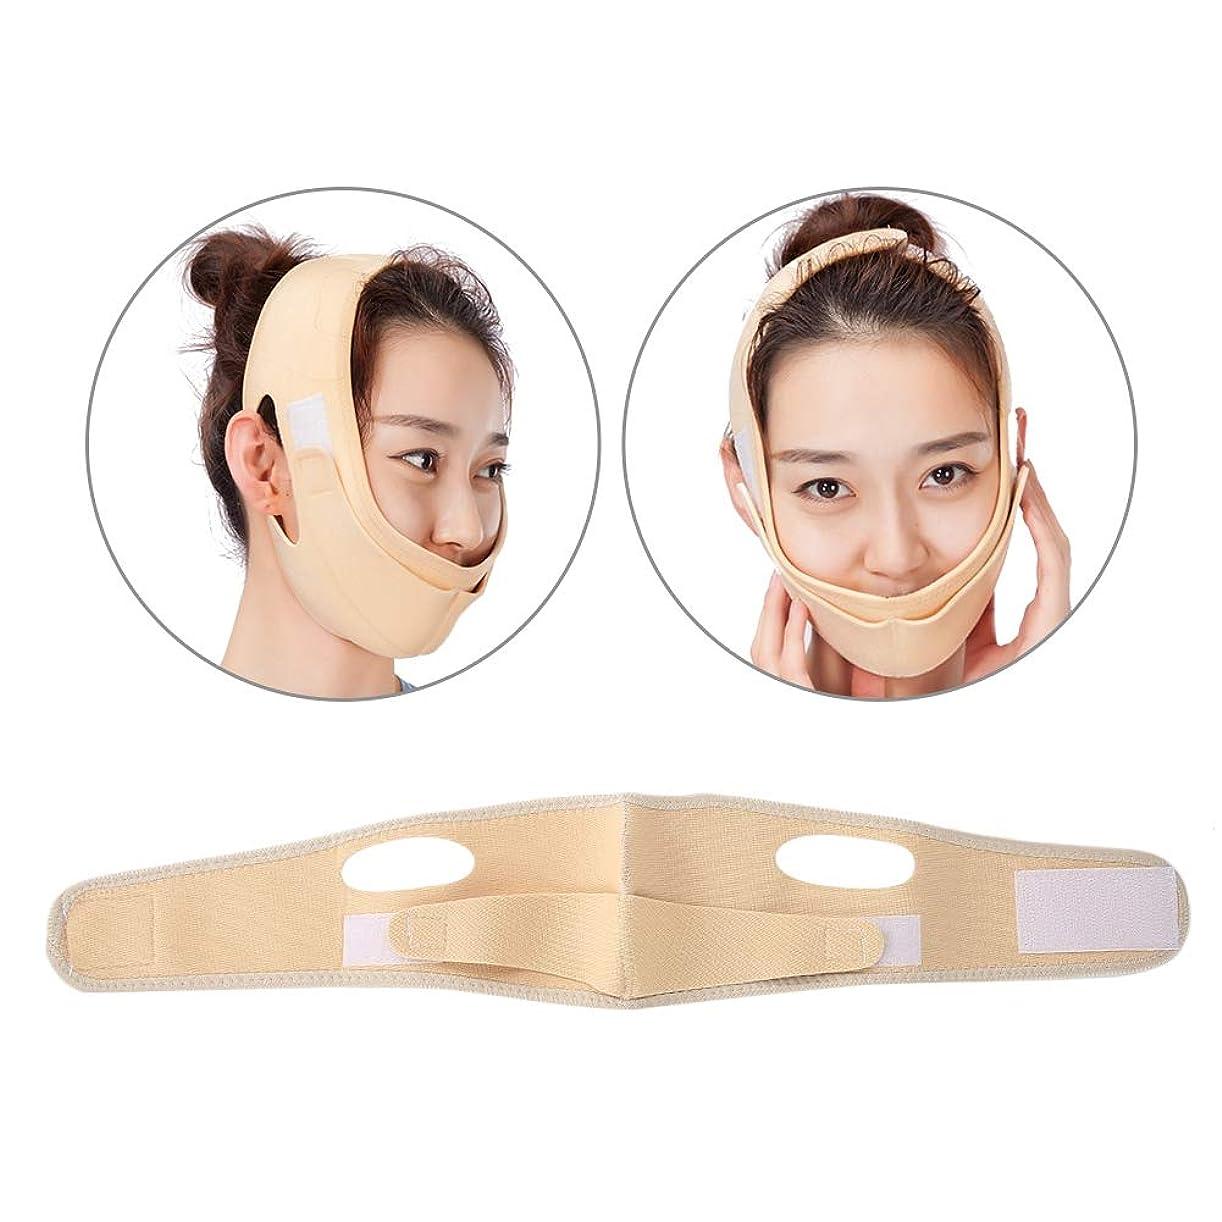 そのような上記の頭と肩卵フェイスリフト用 フェイスマスク 顔輪郭を改善する 美容包帯 通気性/伸縮性/変形不可(01)